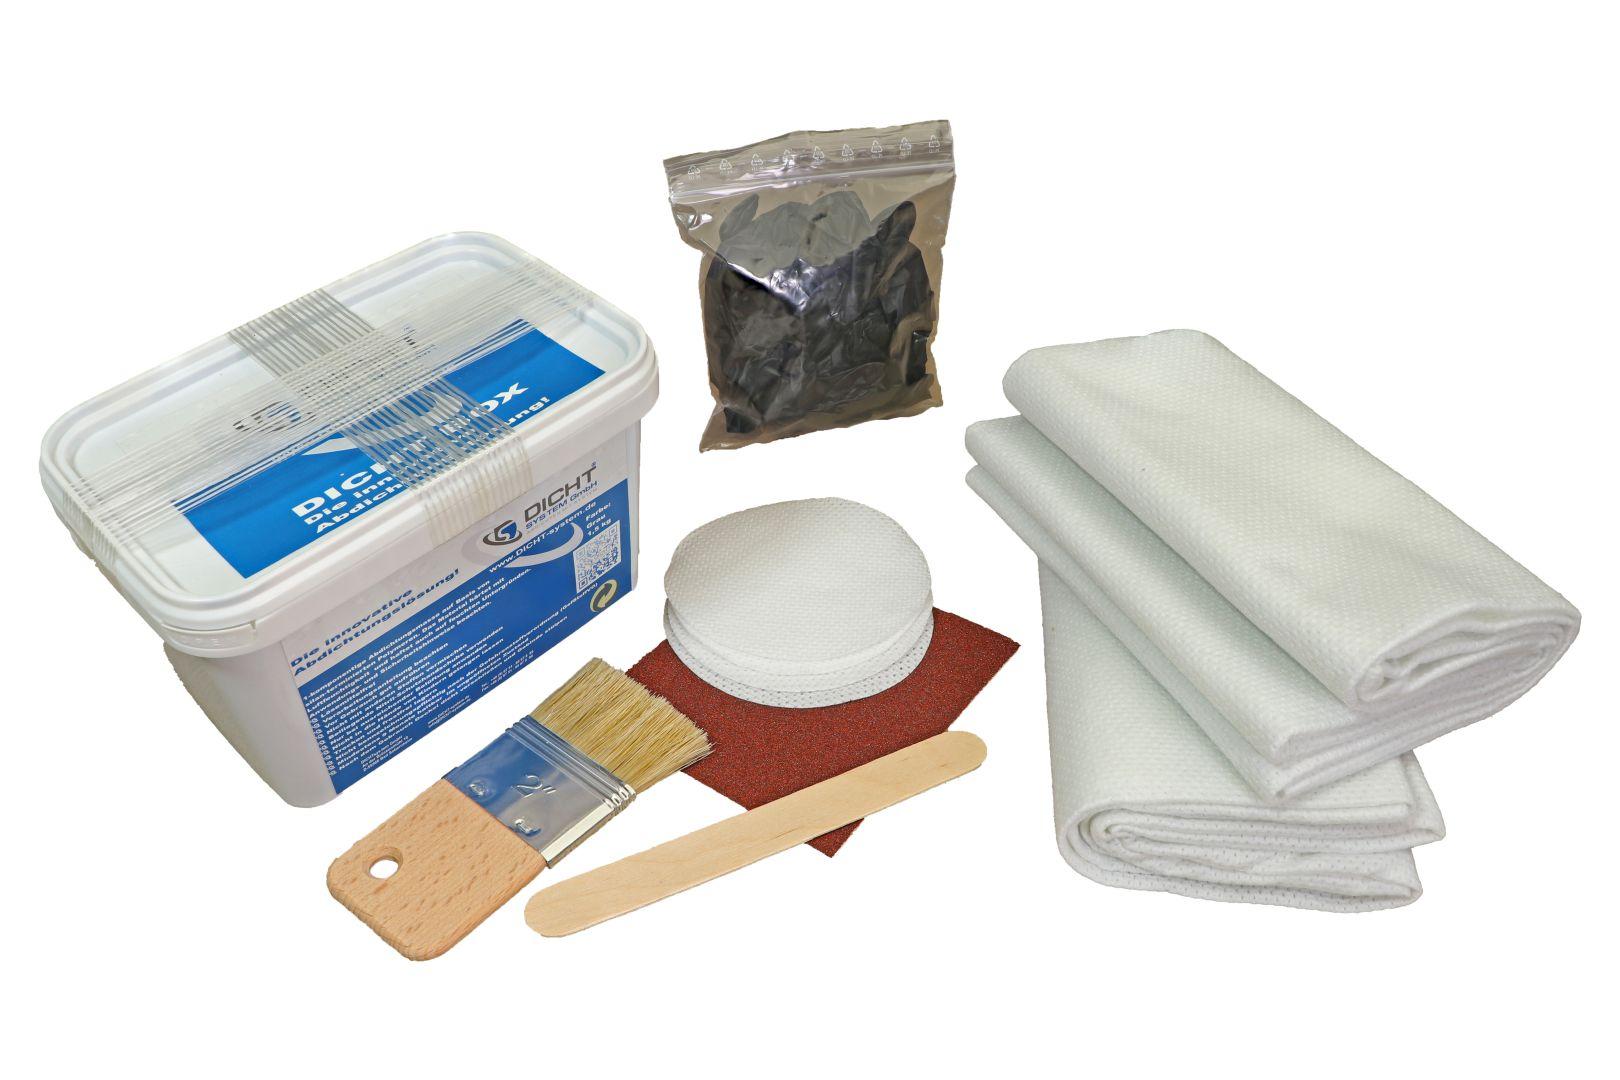 DICHT system DICHT-Box Abdichtungssystem, ausreichend für ca. 0,8 m², lösemittelfrei, grau, 1,5 kg